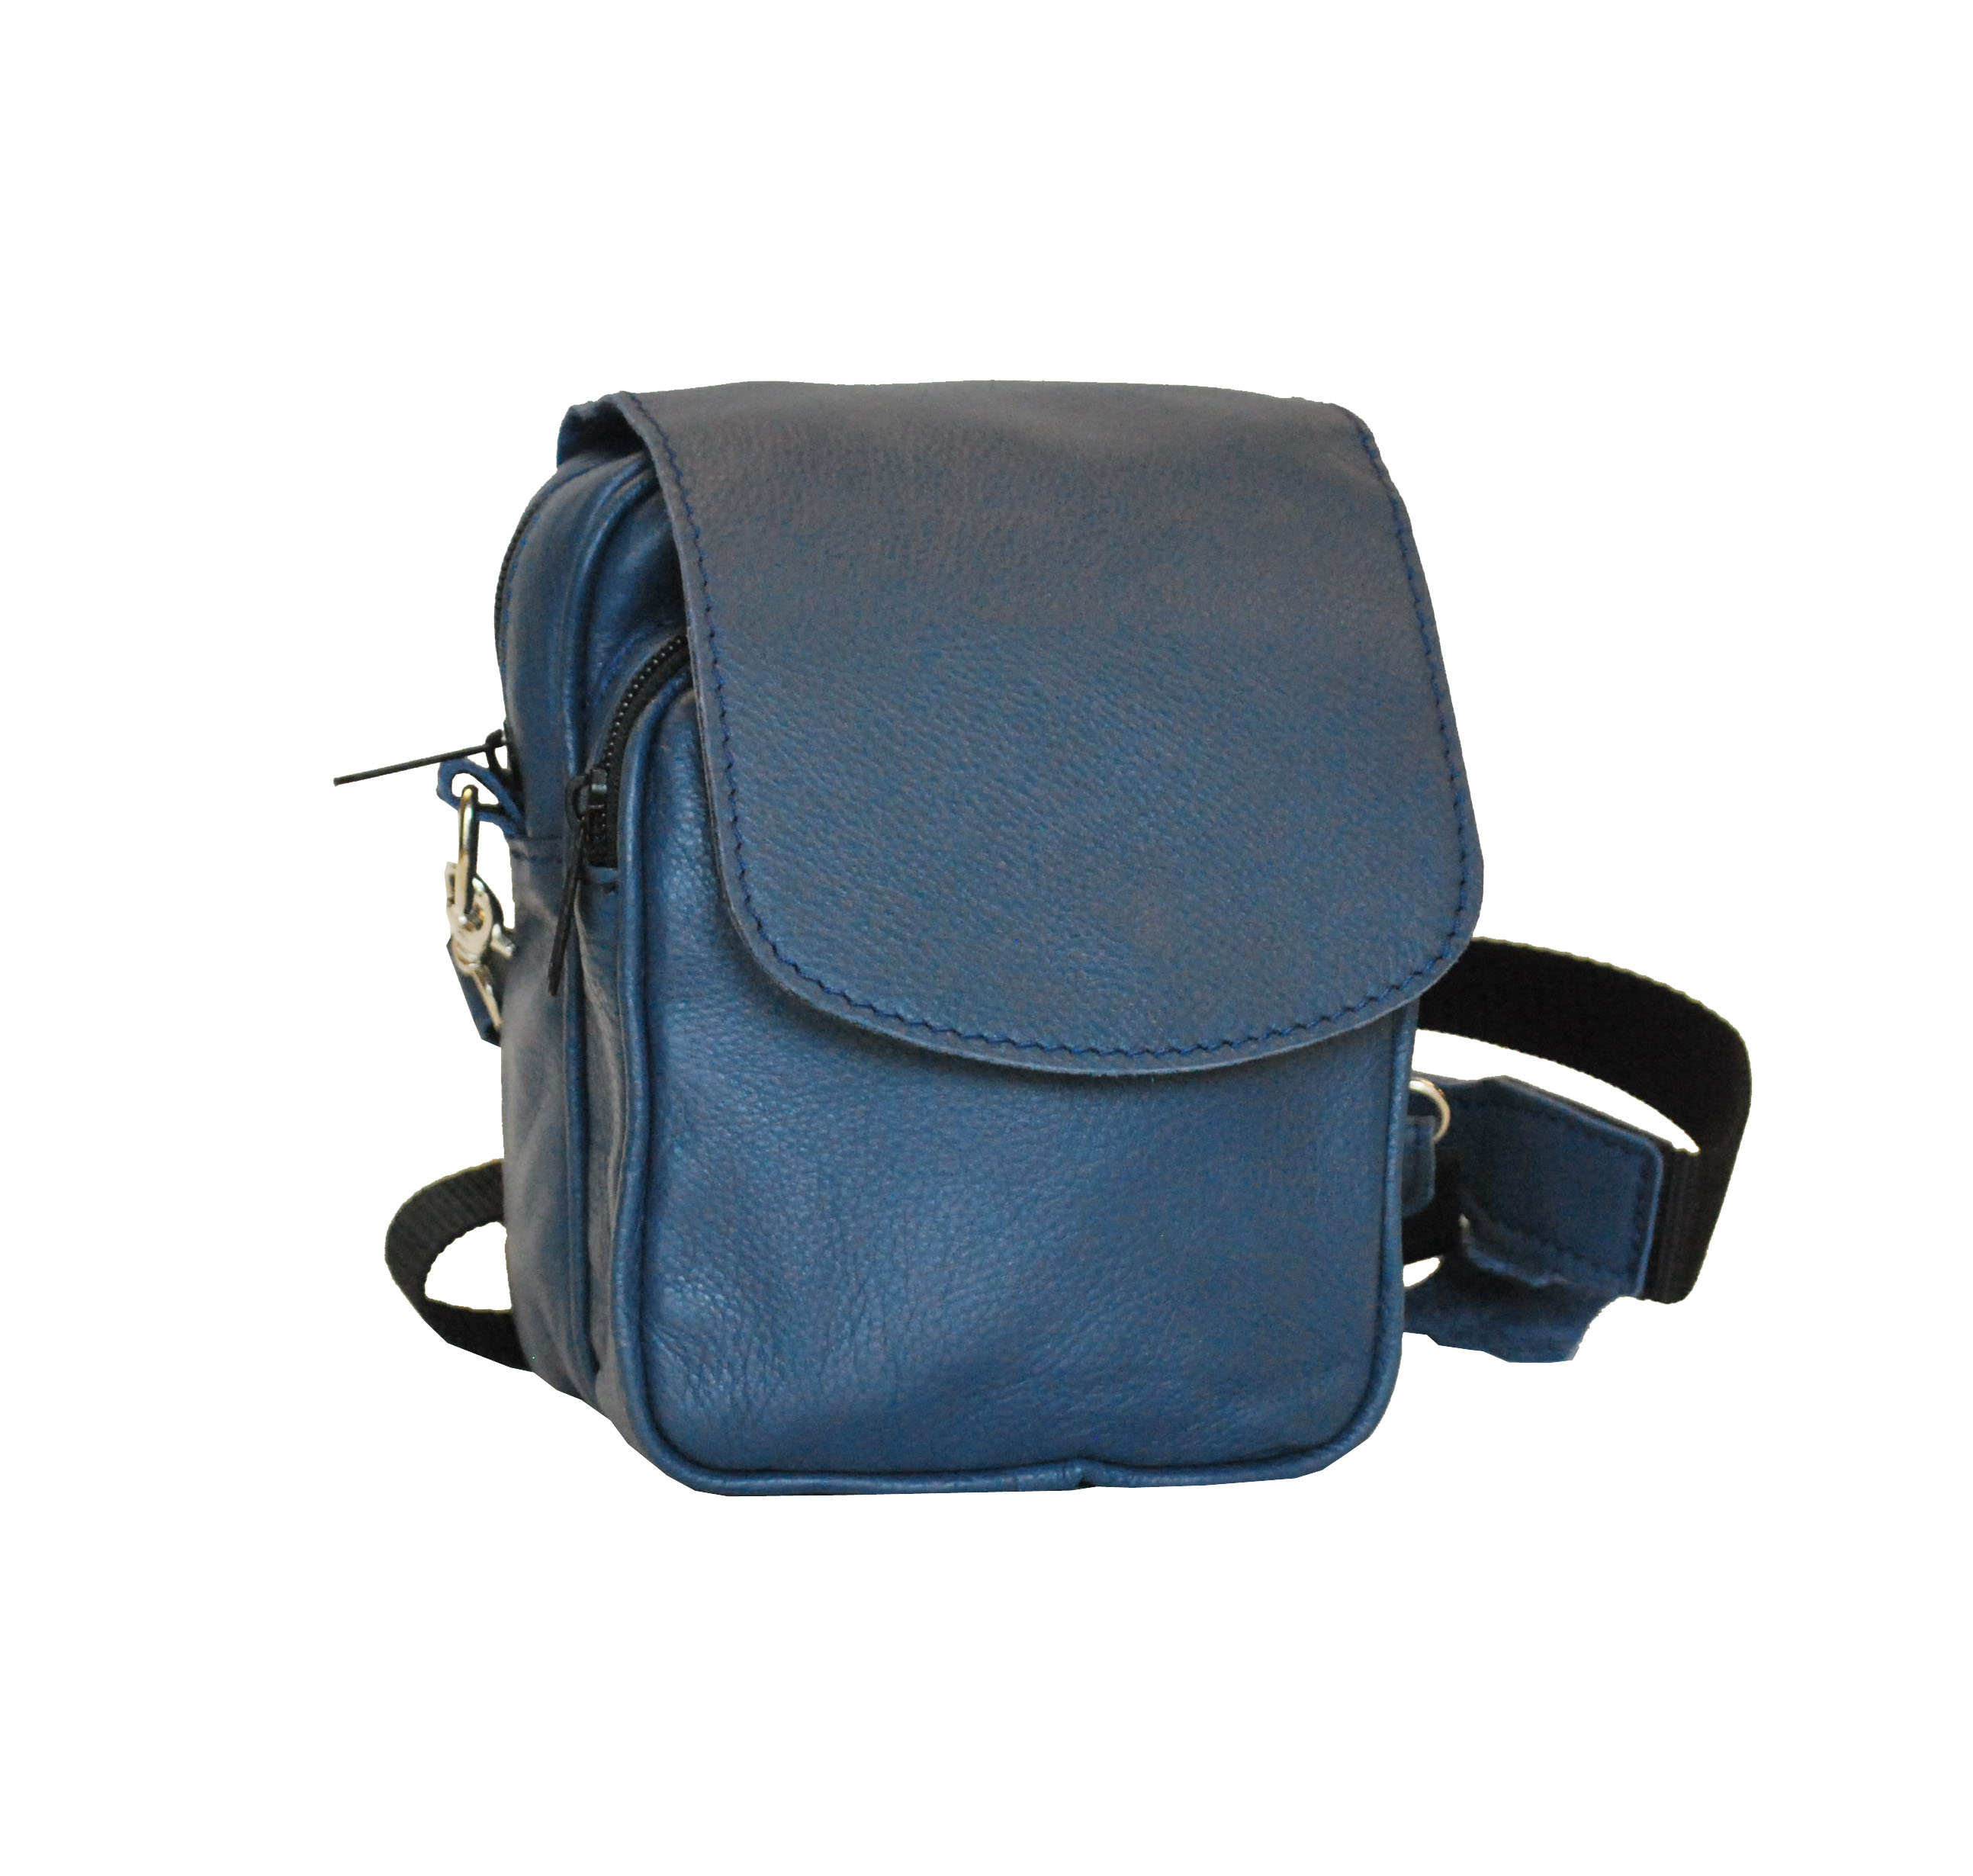 Atraktívna tkaná kožená kabelka č. 8638 v hnedej farbe e312e3e74c3